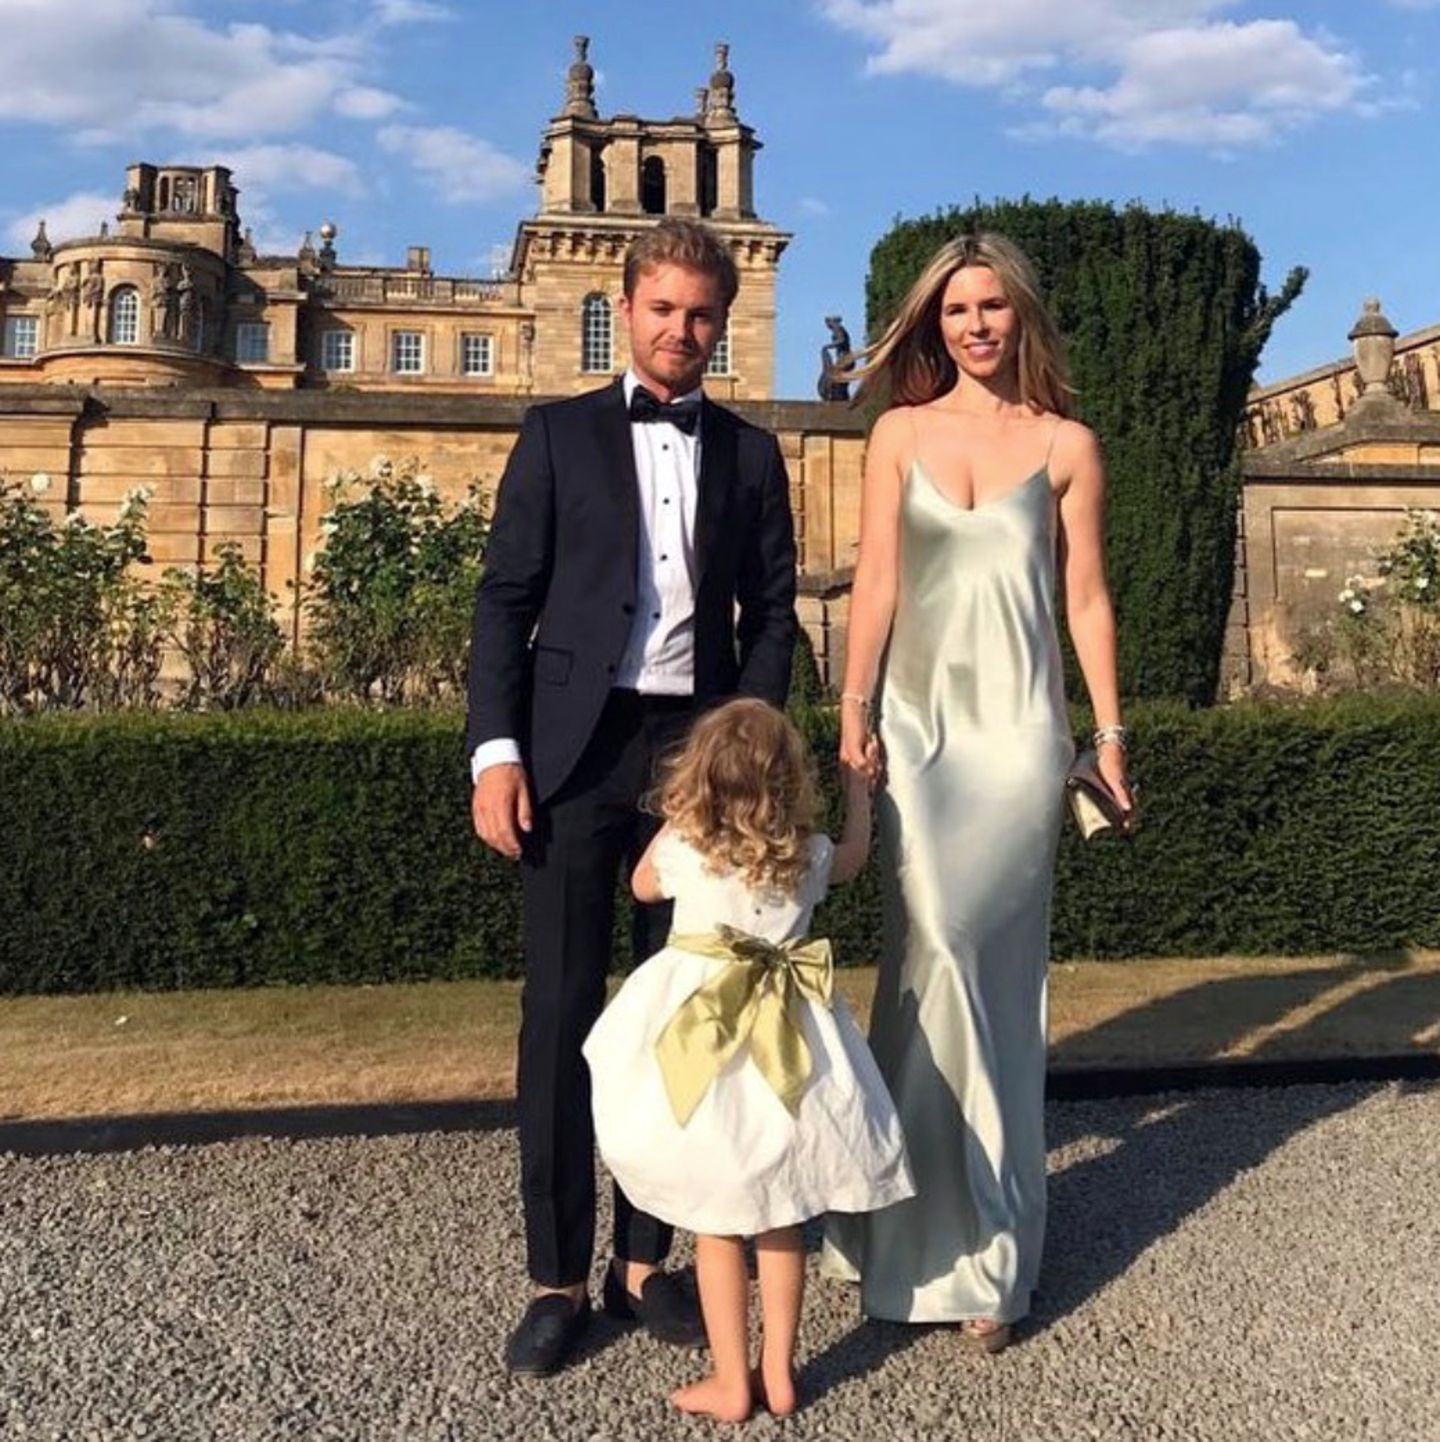 Formel-1-Star Nico Rosberg und seine schöne Ehefrau Vivian sind zu Gast auf einer Hochzeit im englischen Woodstock. Auch TöchterchenAlaïa feiert mit, in einem weißen Kleid mit süßer Schleife.